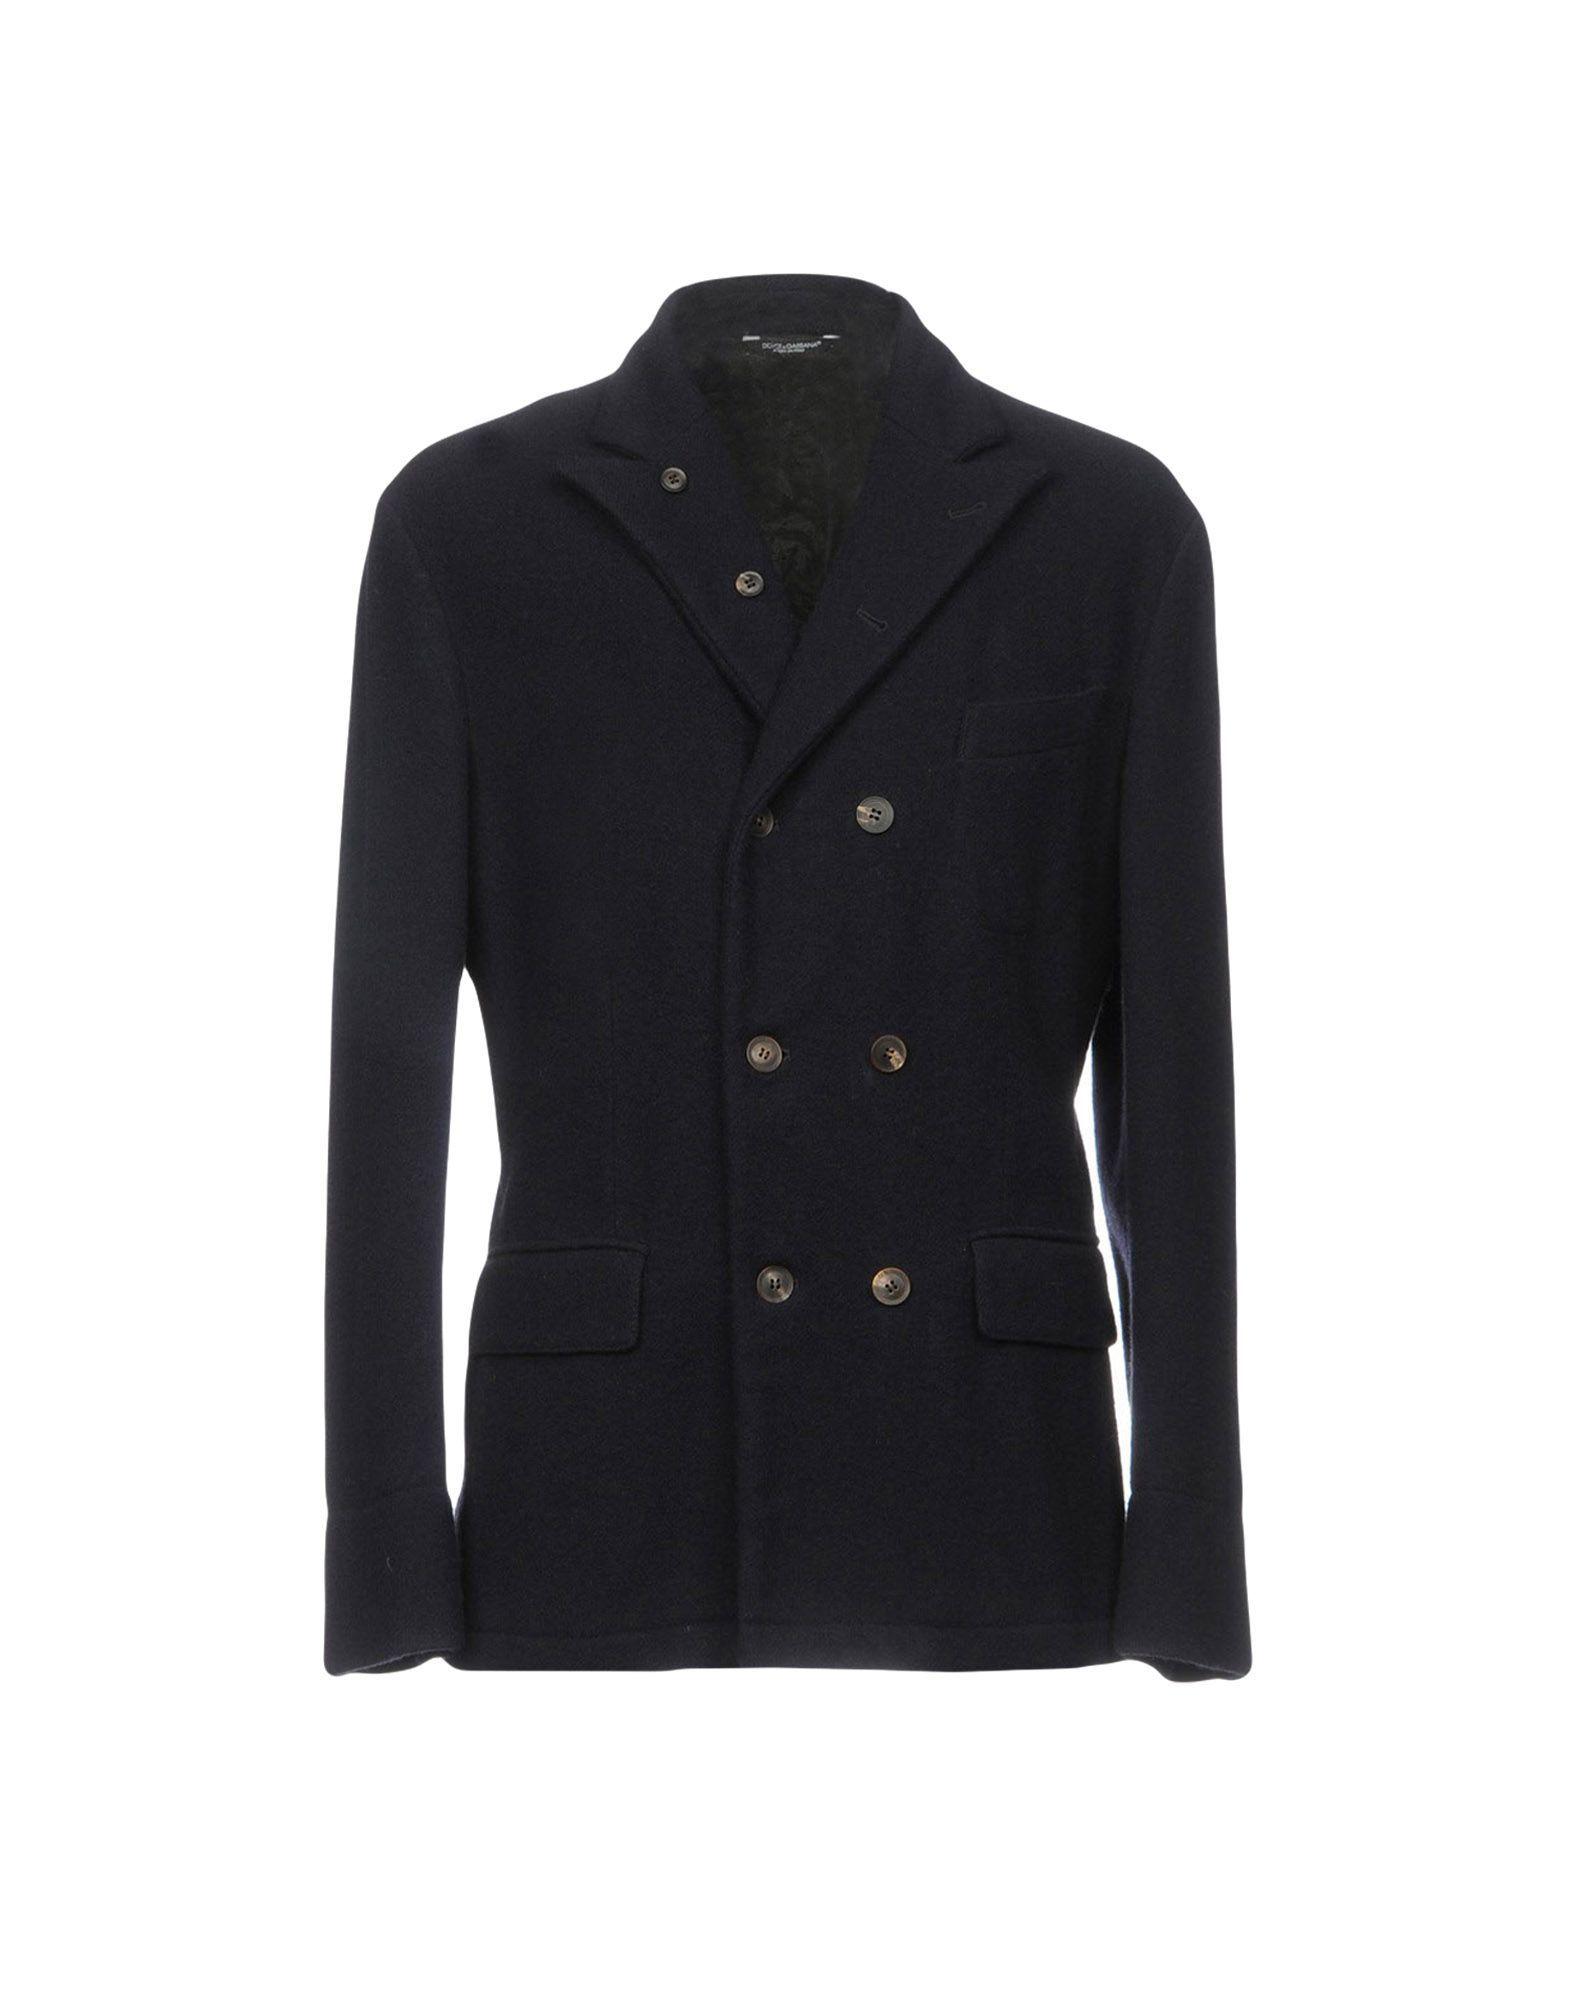 COATS & JACKETS Dolce & Gabbana Dark blue Man Virgin Wool